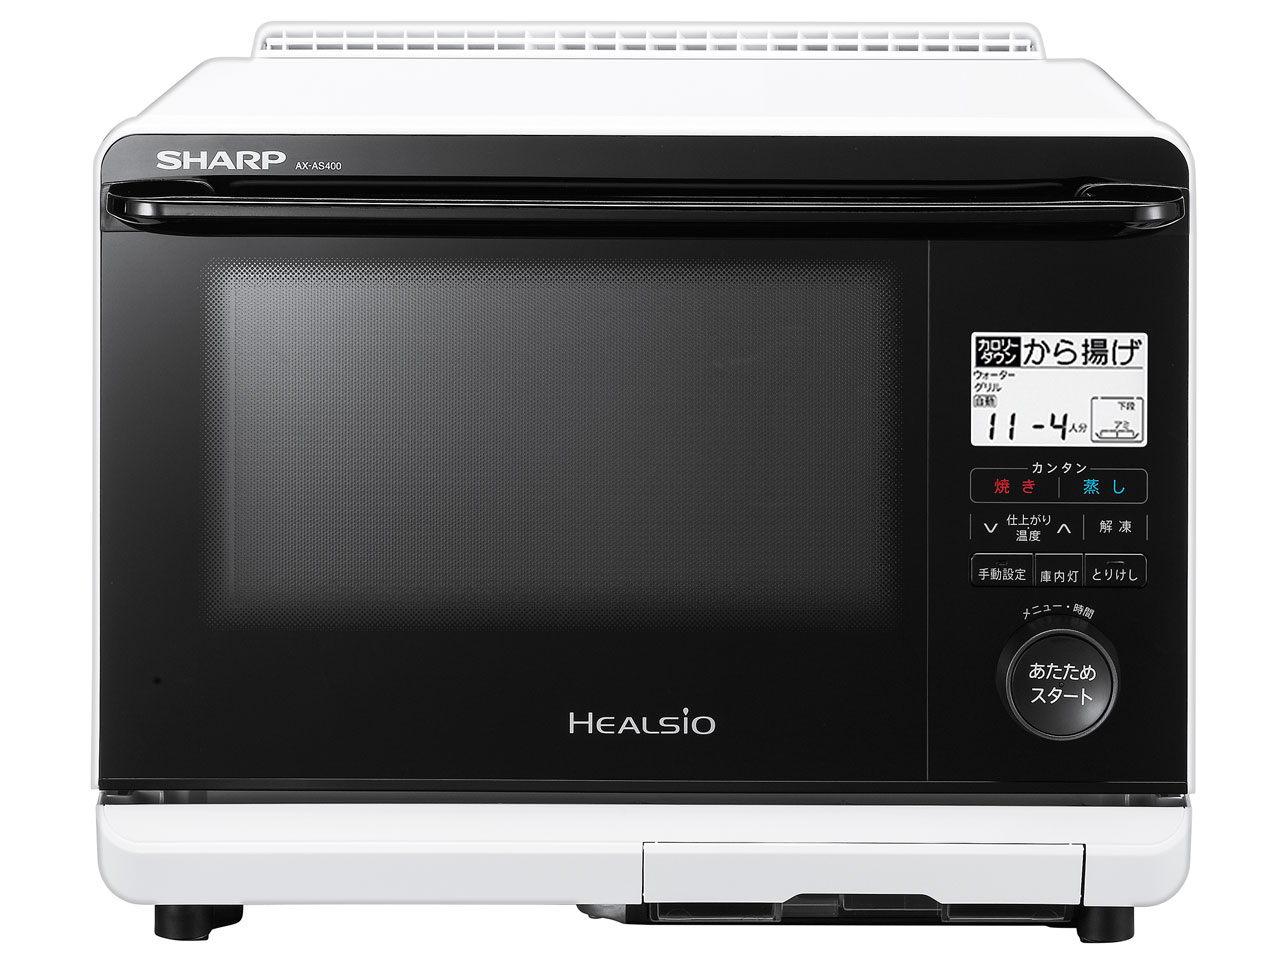 【新品】【送料無料】シャープ スチームオーブン ヘルシオ(HEALSIO) 26L 1段調理 ホワイト AX-AS400-W 【大型家電-代引不可-キャセル不可-返品不可】